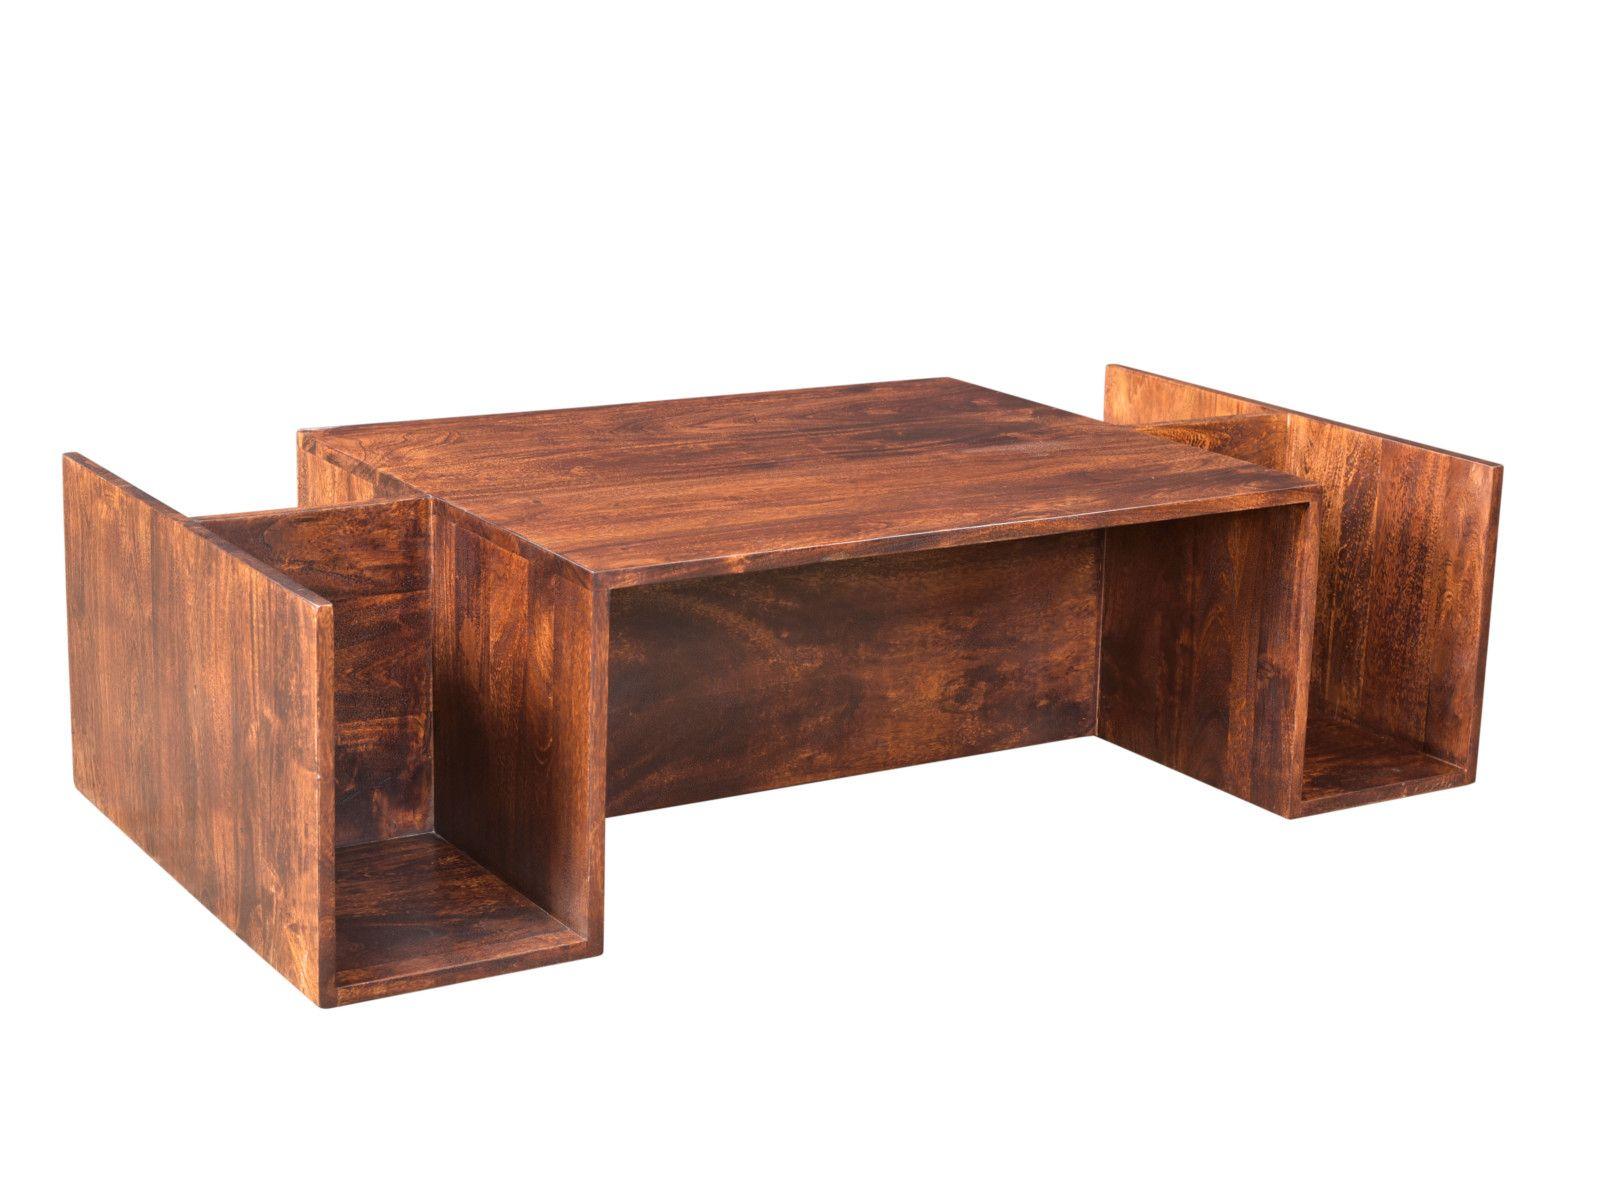 Wohnzimmertisch Massivholz ~ Couchtisch aus massivholz cm wohnzimmertisch tisch florenz